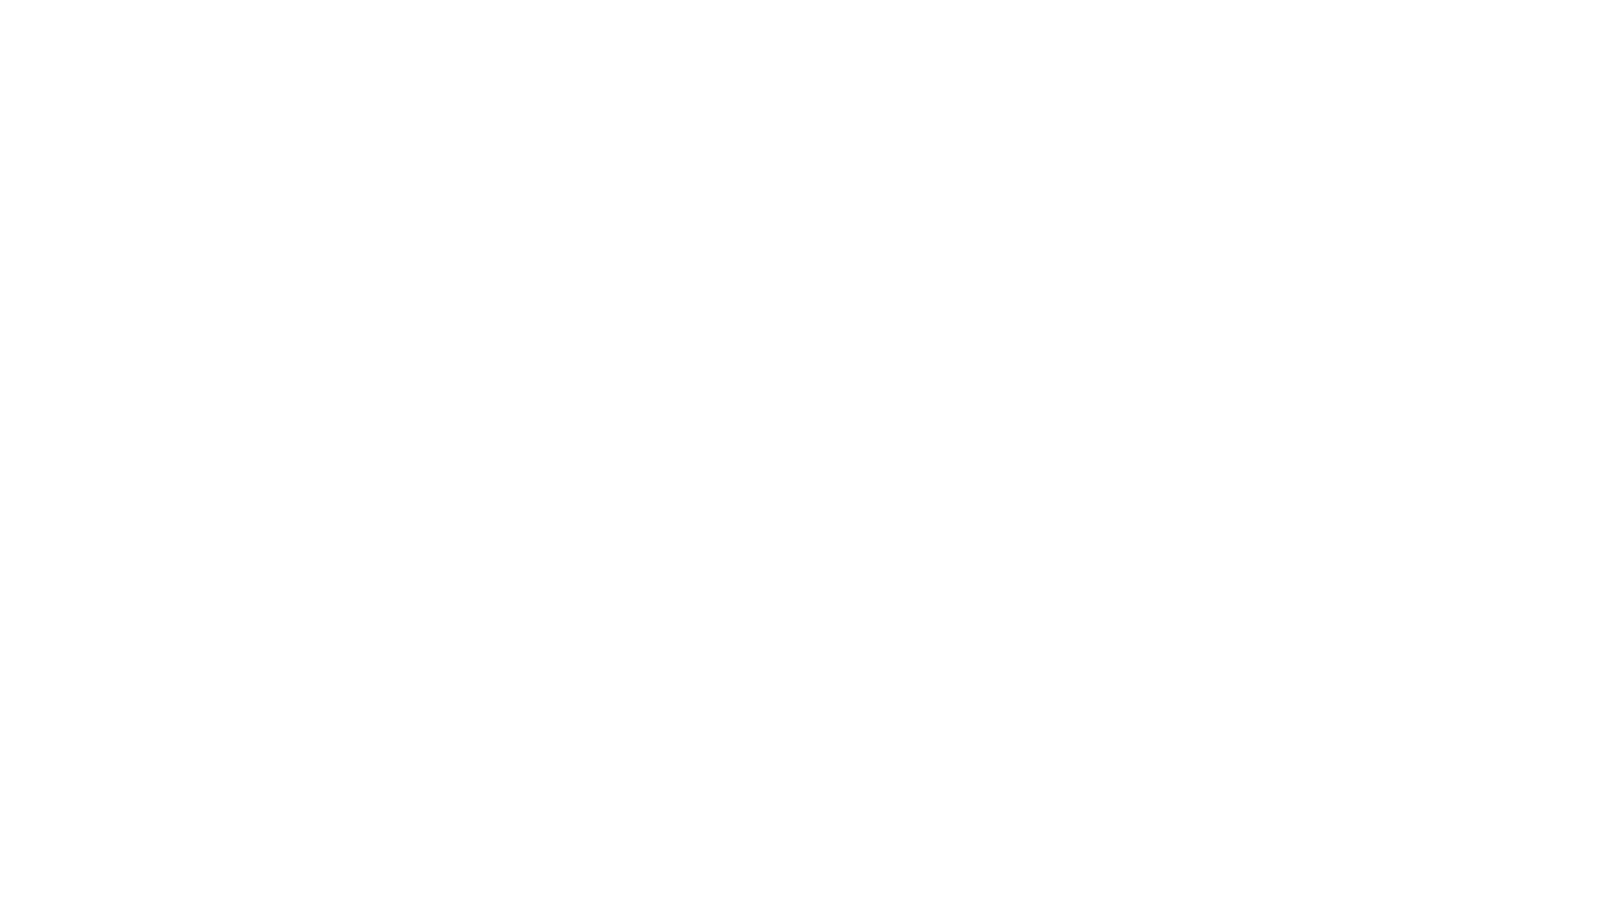 In 60 Sekunden erklärt, wie einzigartig CleverMom Dich auf die Geburt vorbereitet und unterstützt: von Schwangerschaft über Geburt bis Löwen-Mama!  ▶️ Du möchtest das größte Wunder in Deinem Leben keinem Zufall überlassen? Unser CleverMom Geburtsvorbereitungskurs ist einzigartig und so individuell wie DU! https://clevermom.de/onlinekurs-geburtsvorbereitung/  ⭐ KANAL ABONNIEREN und KEIN INTERVIEW mehr verpassen: https://www.youtube.com/channel/UCVHx4dRCjgd5H4rhj1JxIIA?sub_confirmation=1  ▶️ Zur Webseite: https://clevermom.de